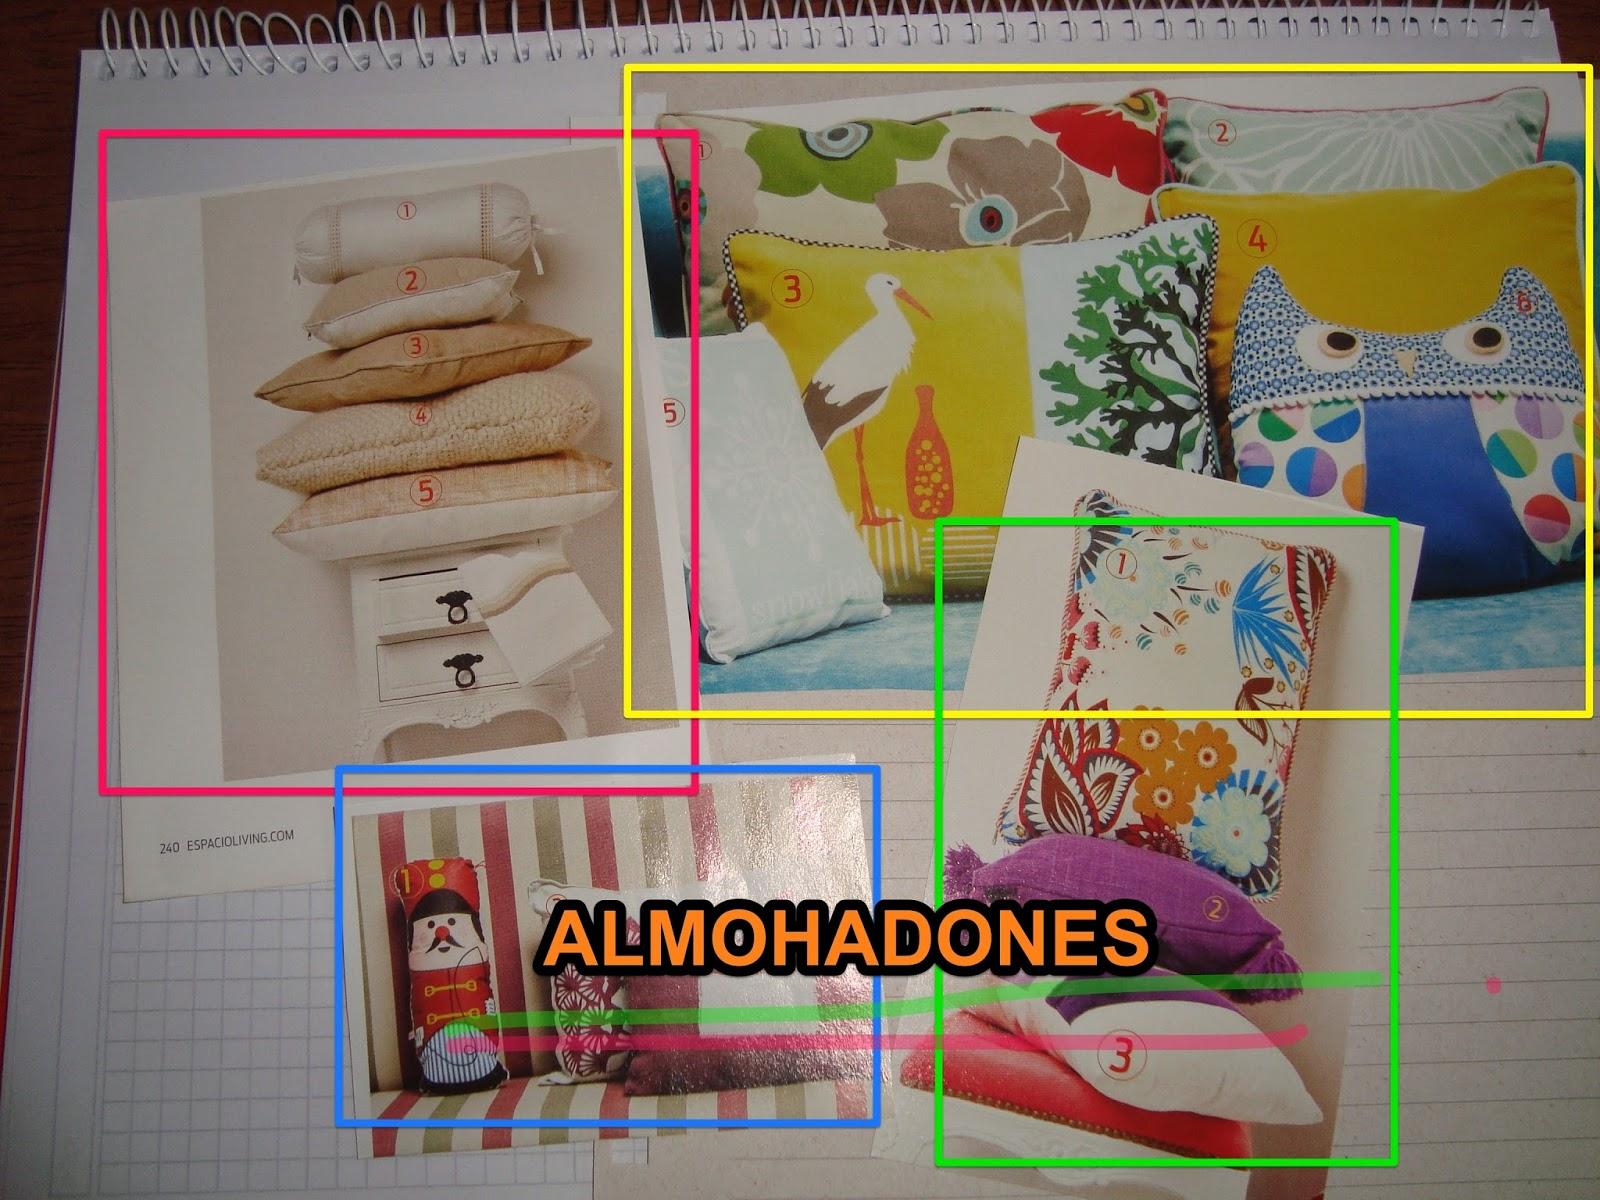 Cuaderno de ideas para microemprendimientos almohadones - Cojines de diseno ...